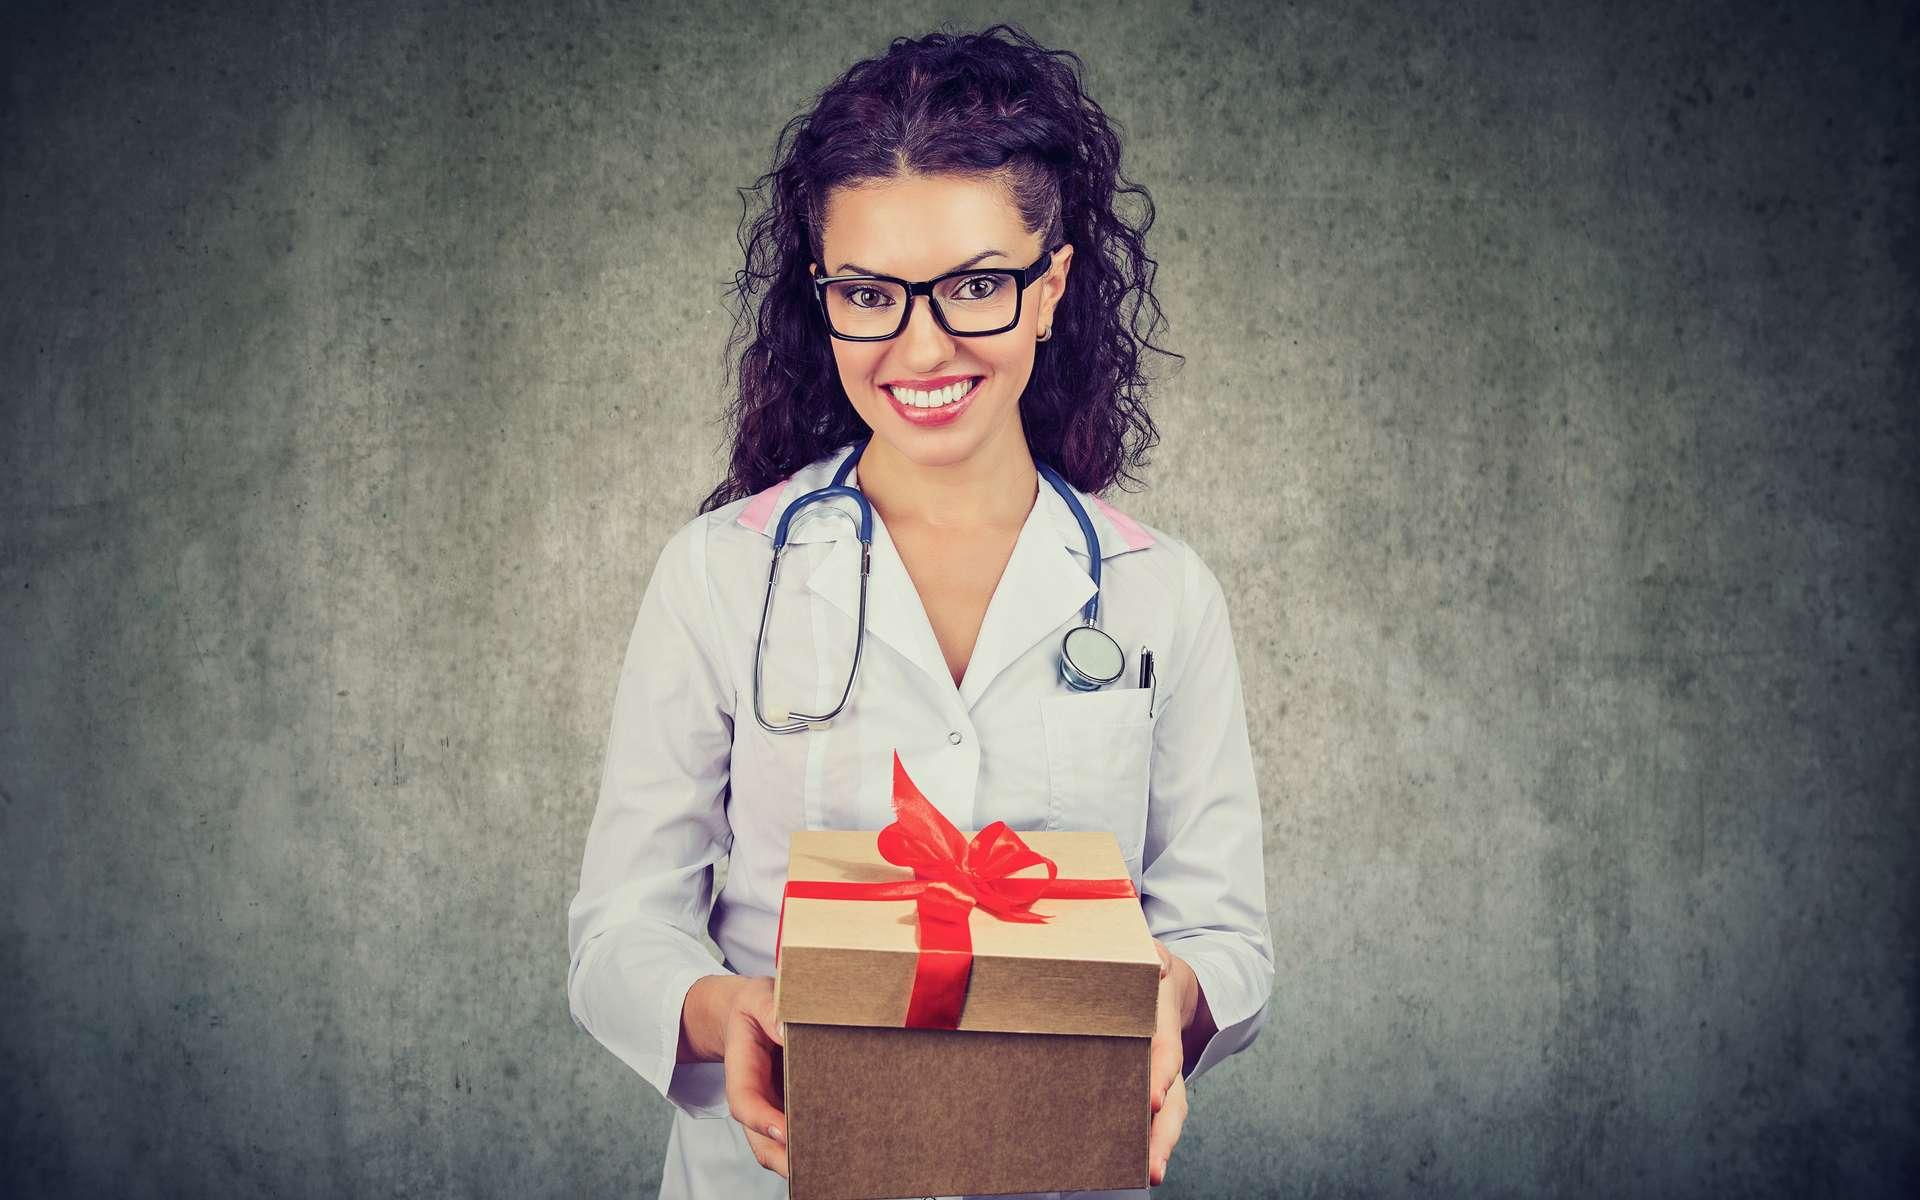 Les remboursements effectués par la Sécurité sociale par visite sont plus élevés de 5,33 euros en moyenne chez les médecins qui reçoivent plus de 1.000 euros de « cadeaux » par an. © pathoc, Adobe Stock